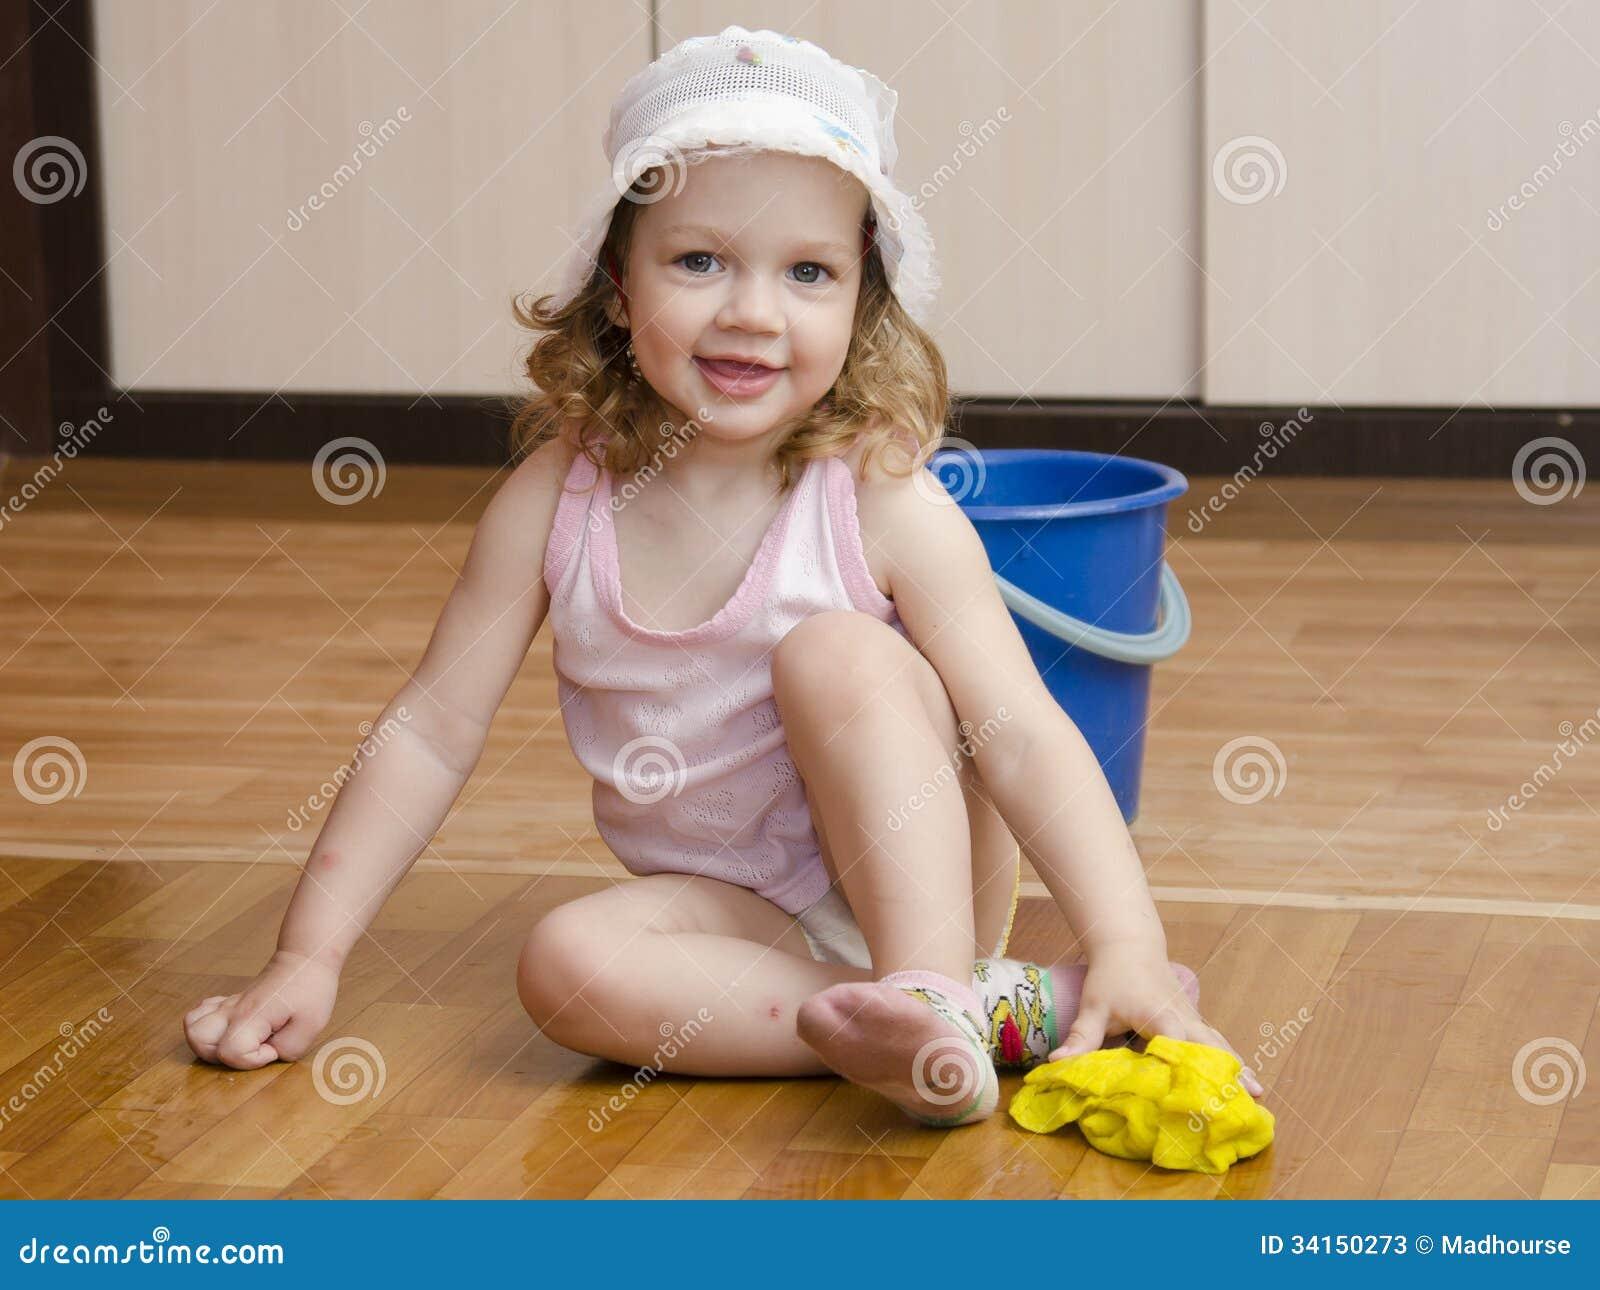 Фото маленька девочка и ее пися, Девочка созрела? Самые скандальные фотосессии юных 32 фотография